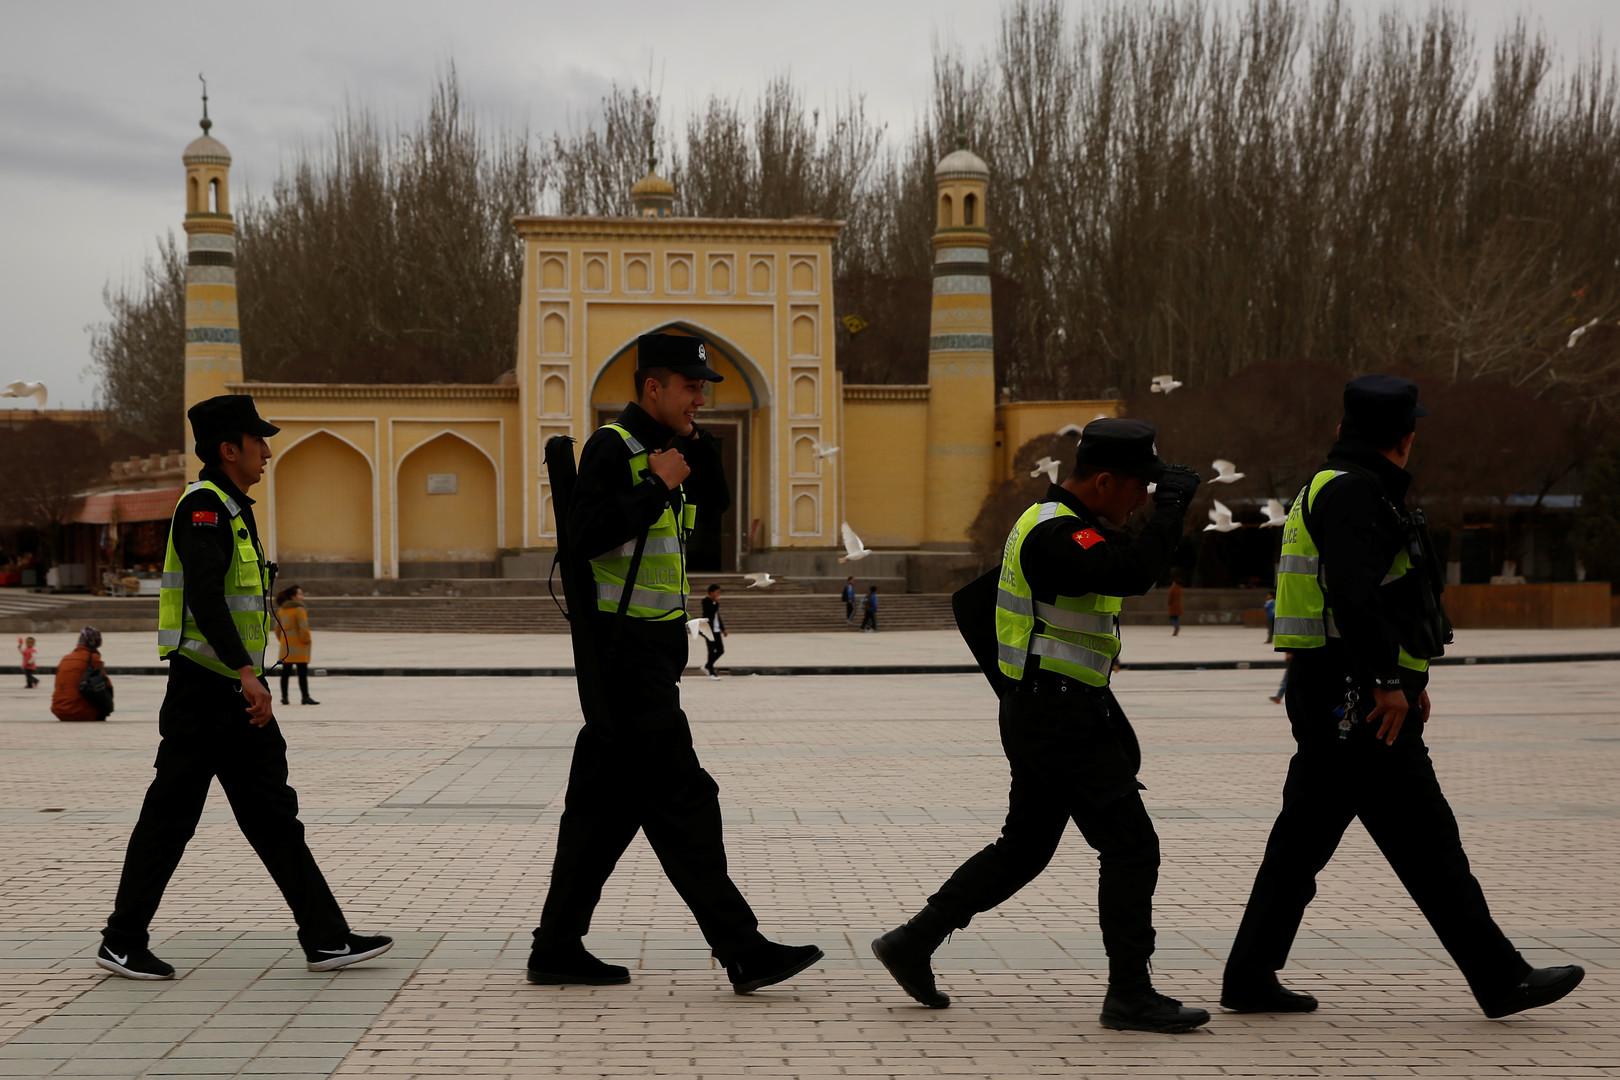 أكثر من 20 دولة تنتقد الصين في الأمم المتحدة بسبب مراكز احتجاز الأويغور